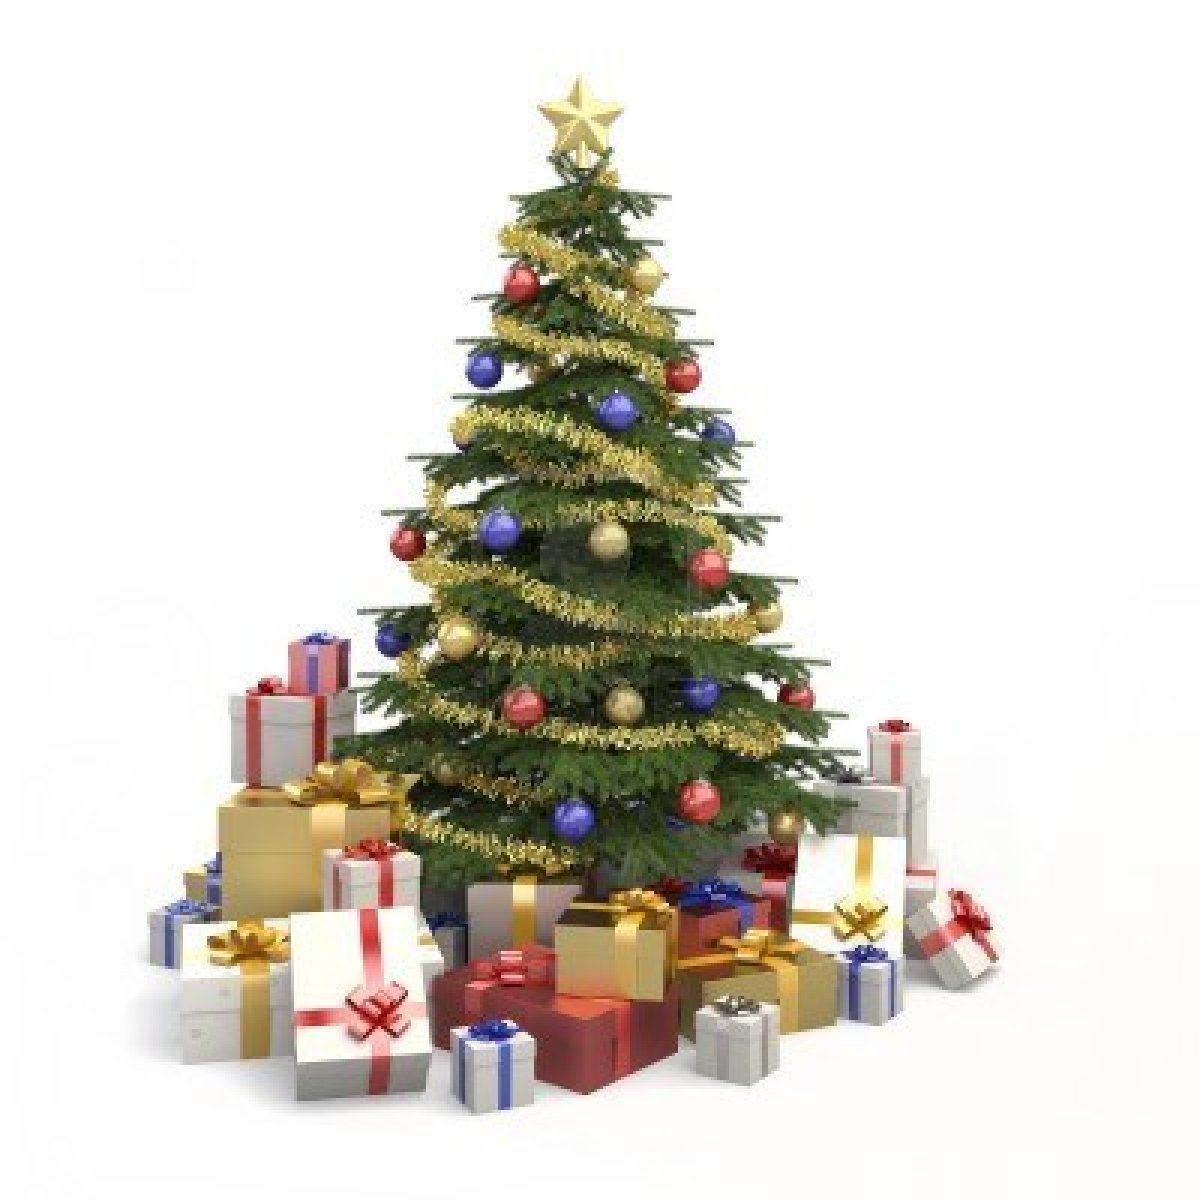 Arbol de navidad - Arboles navidad decoracion ...